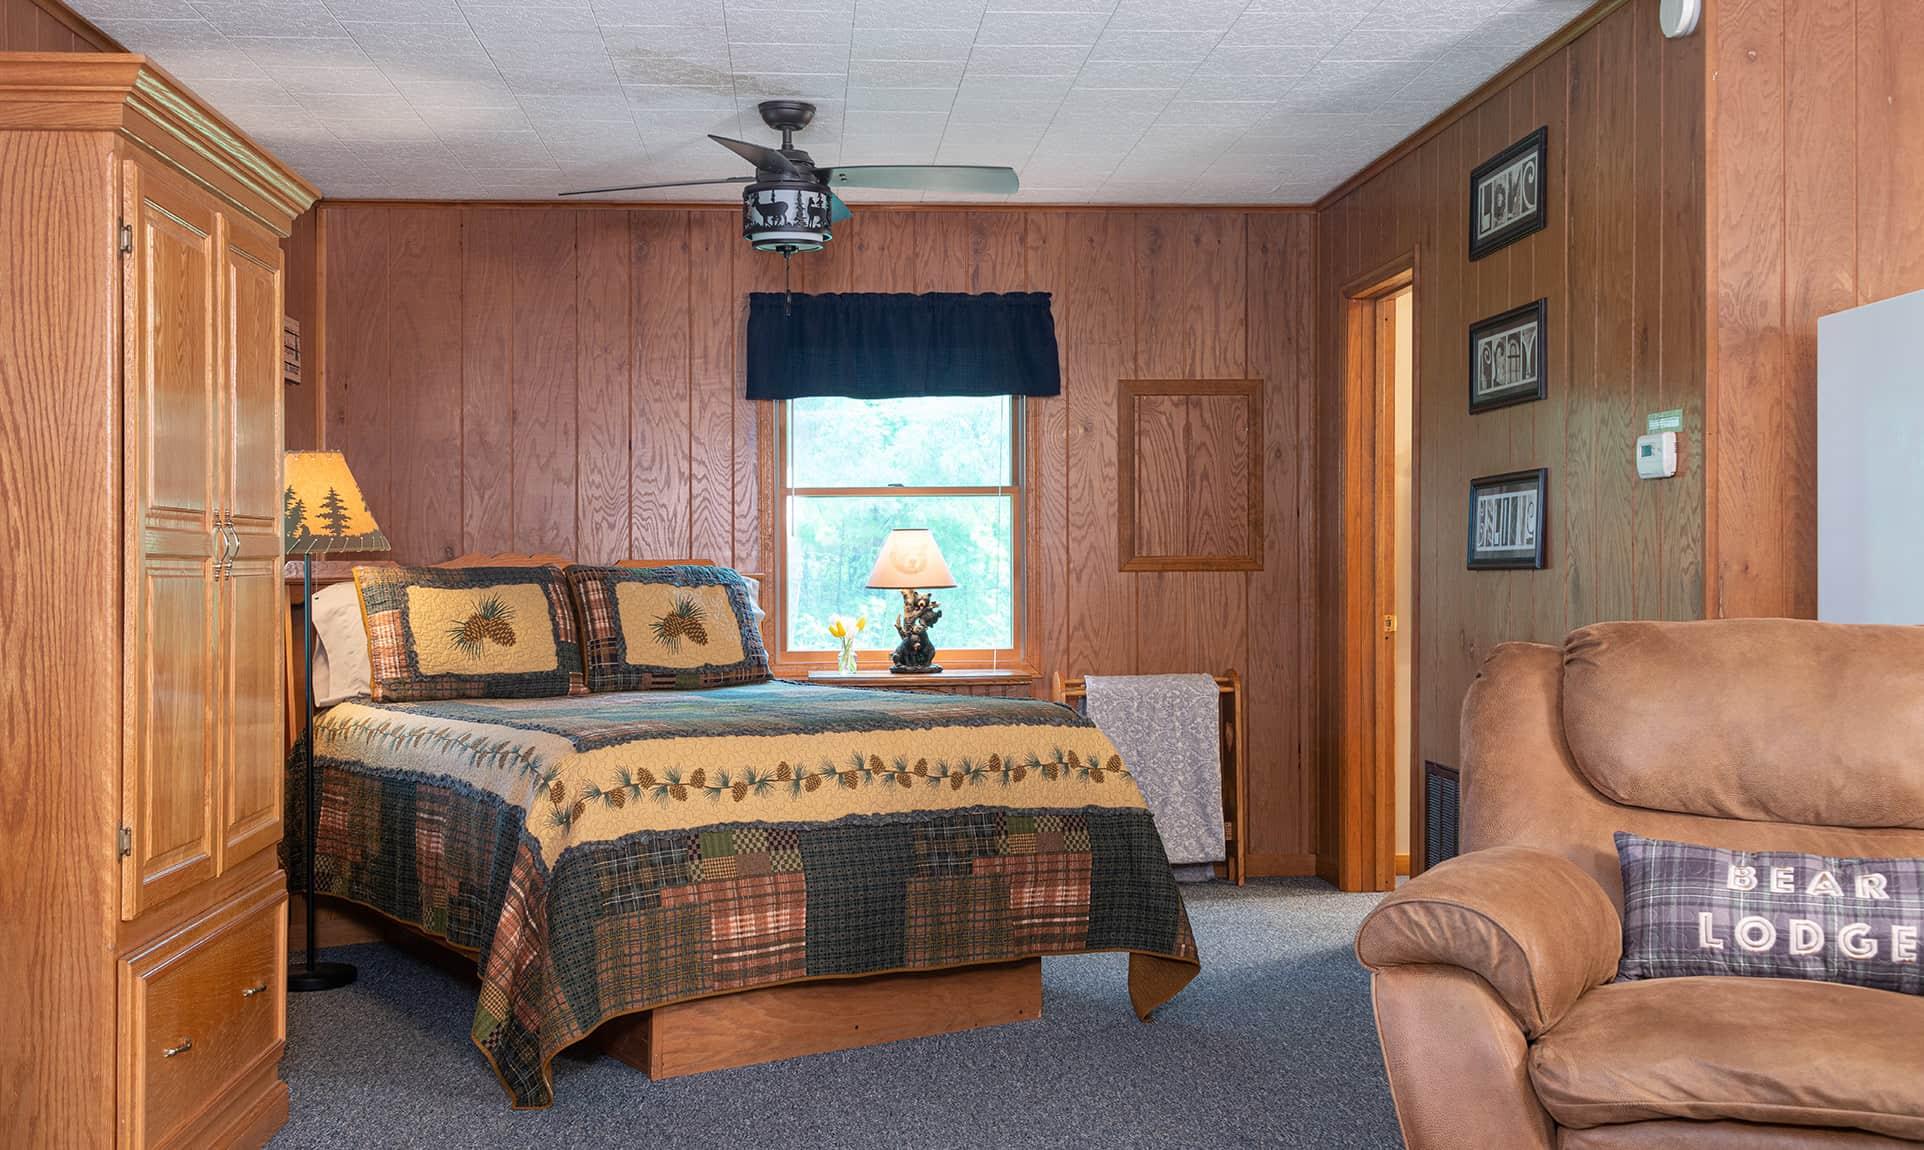 Queen bed in a rustic cabin getaway near Chicago